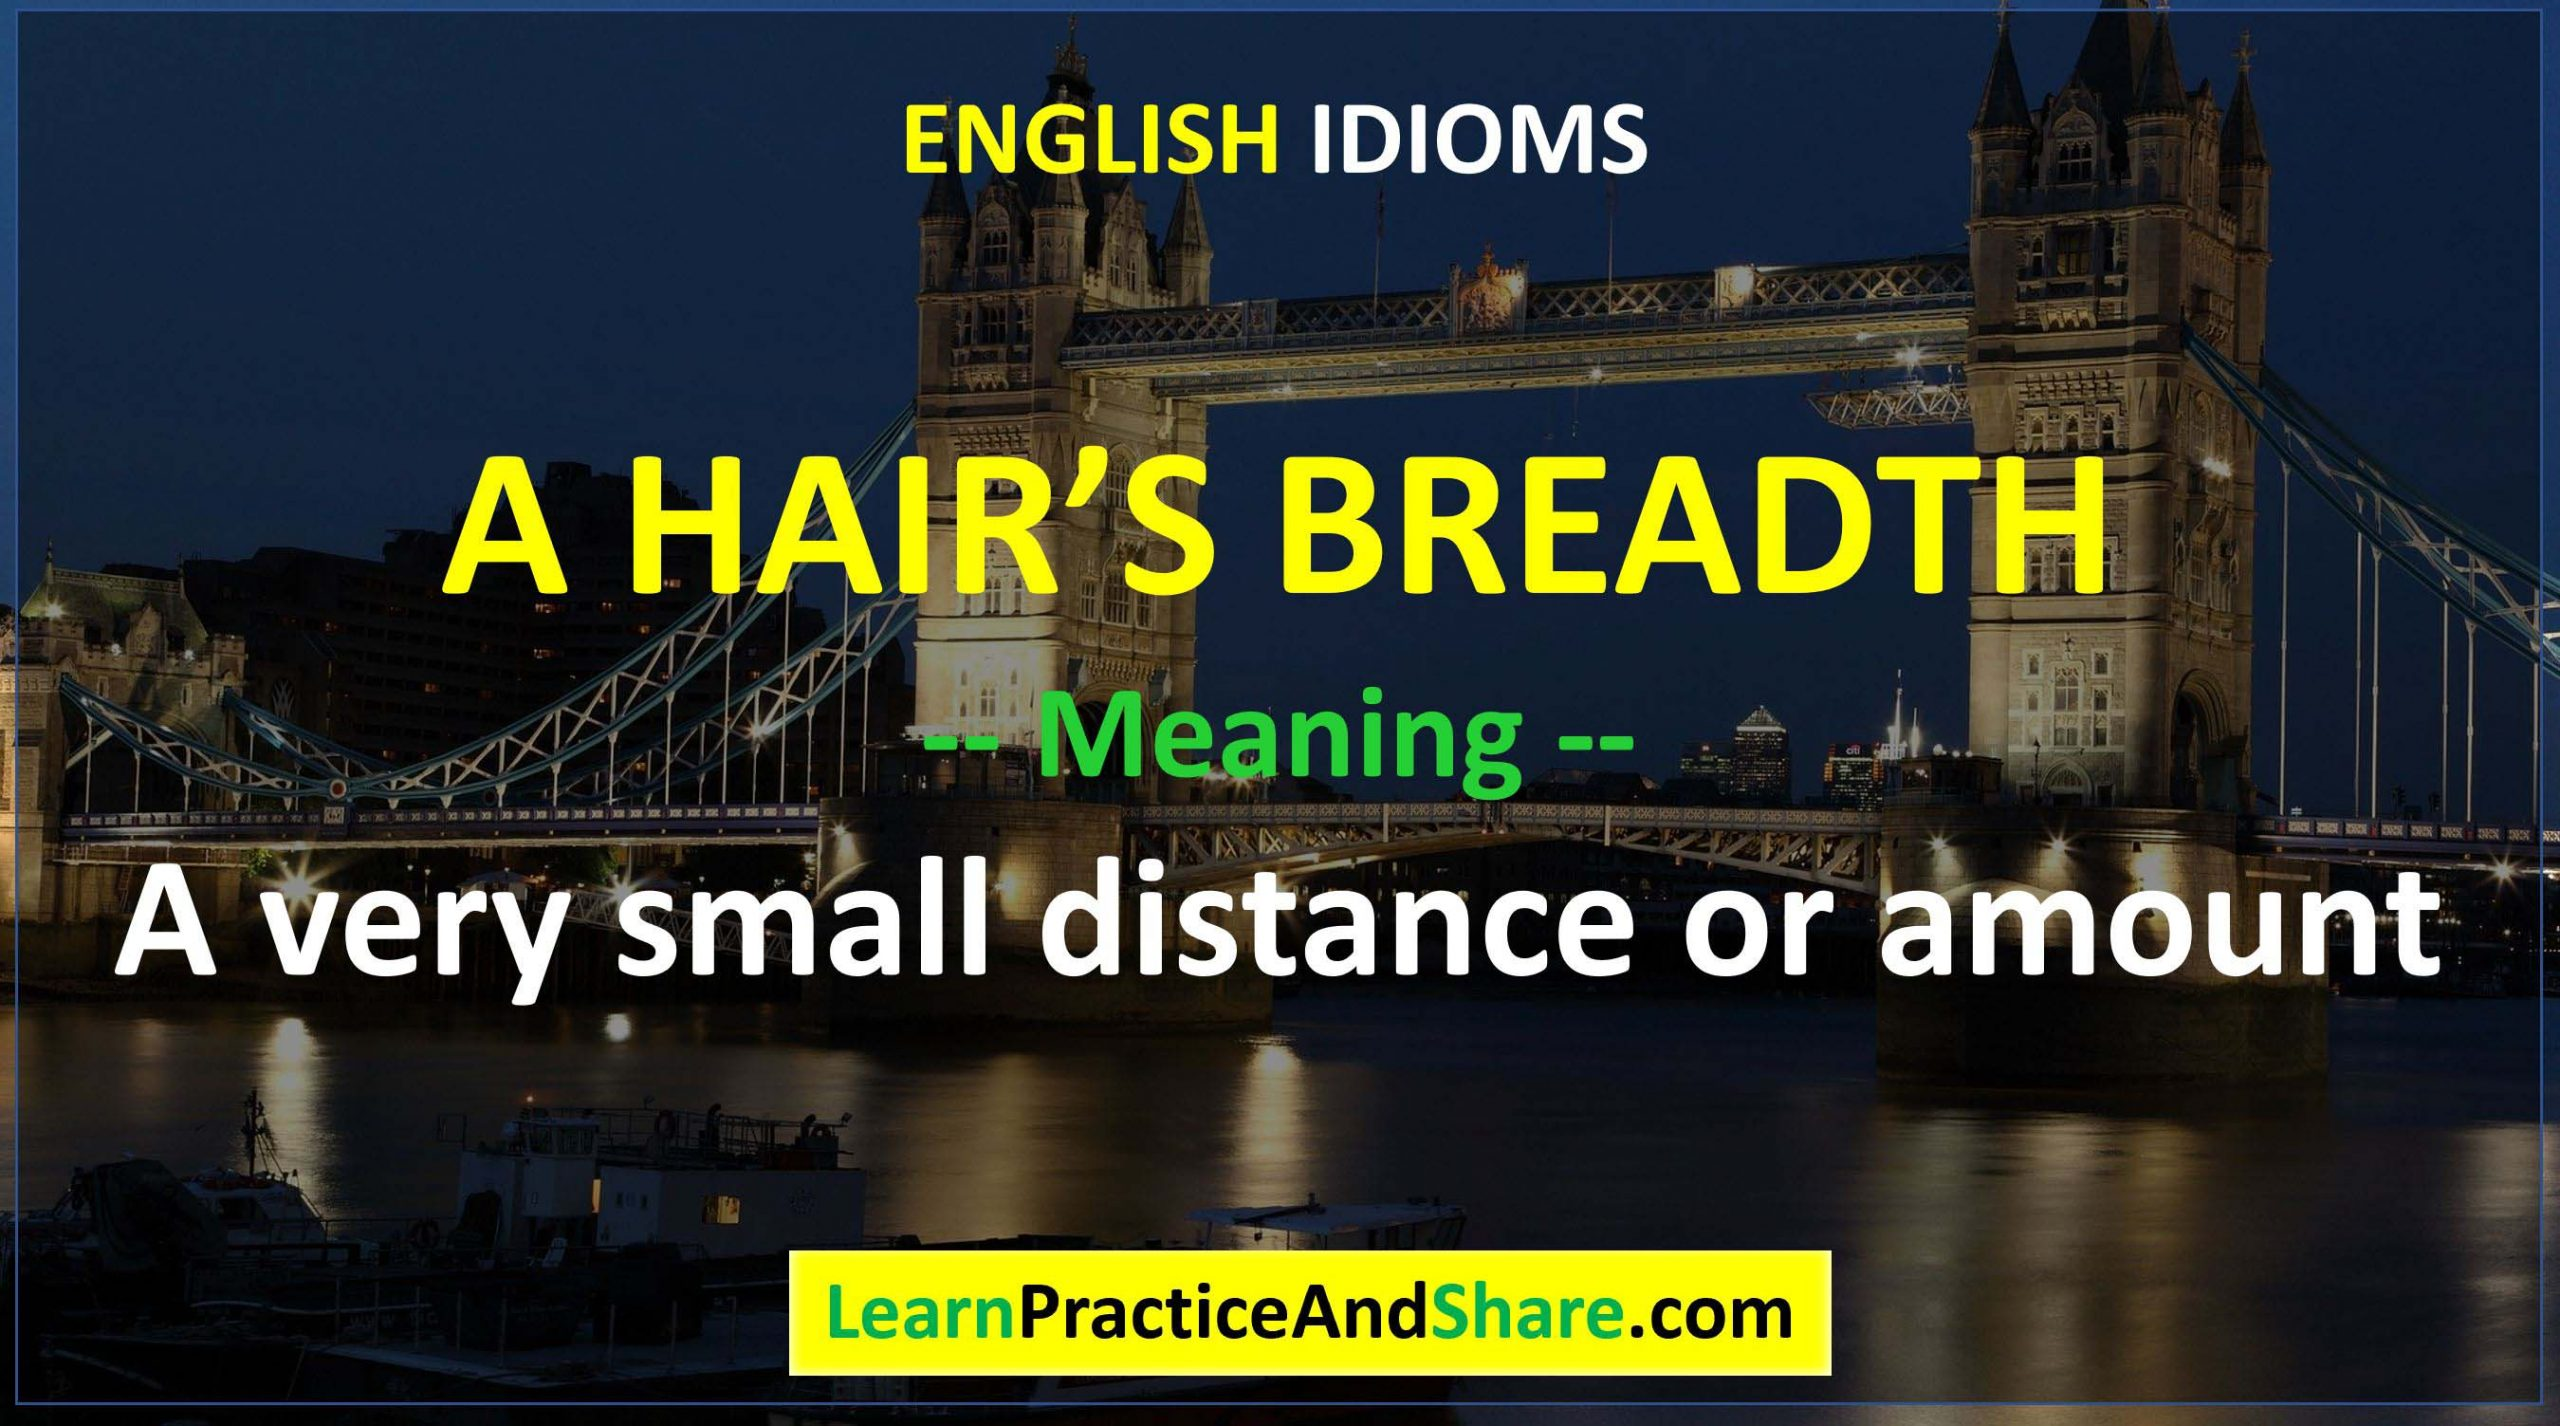 English Idiom - A Hair's Breadth